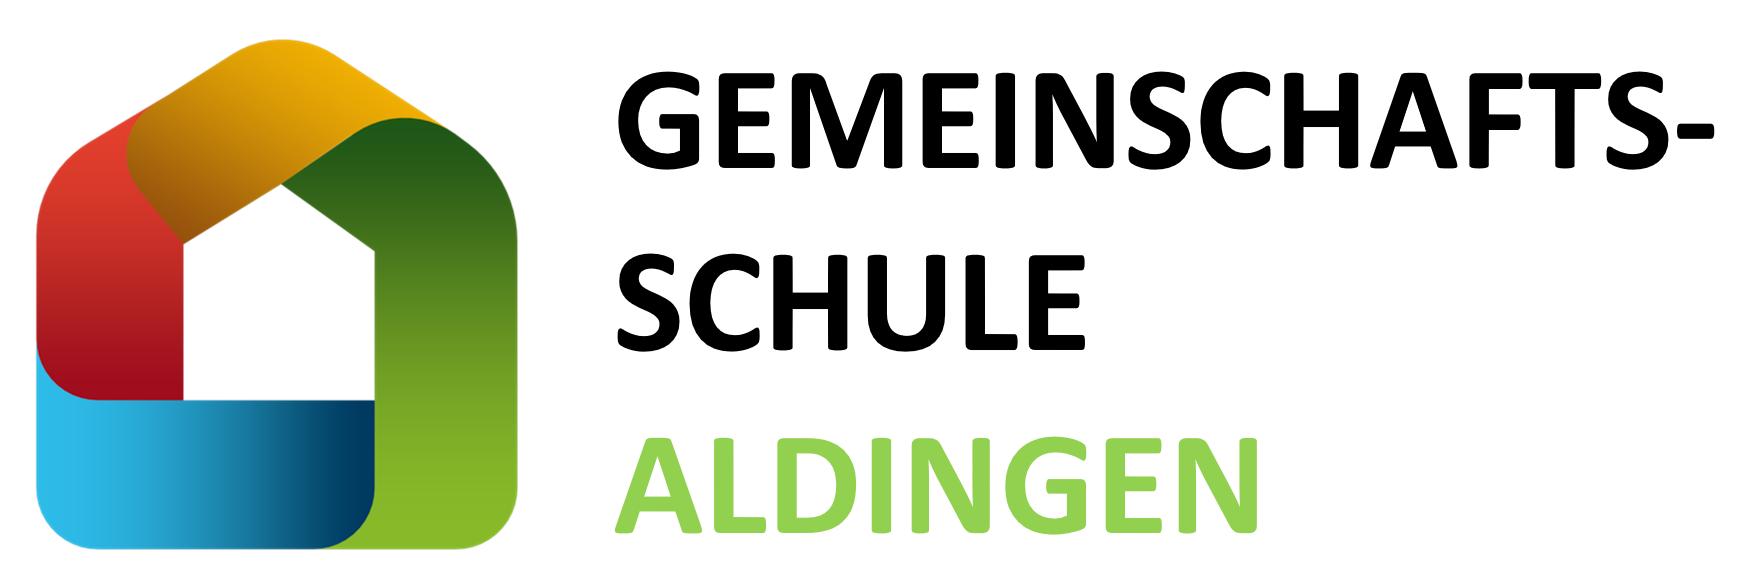 Gemeinschaftsschule Aldingen